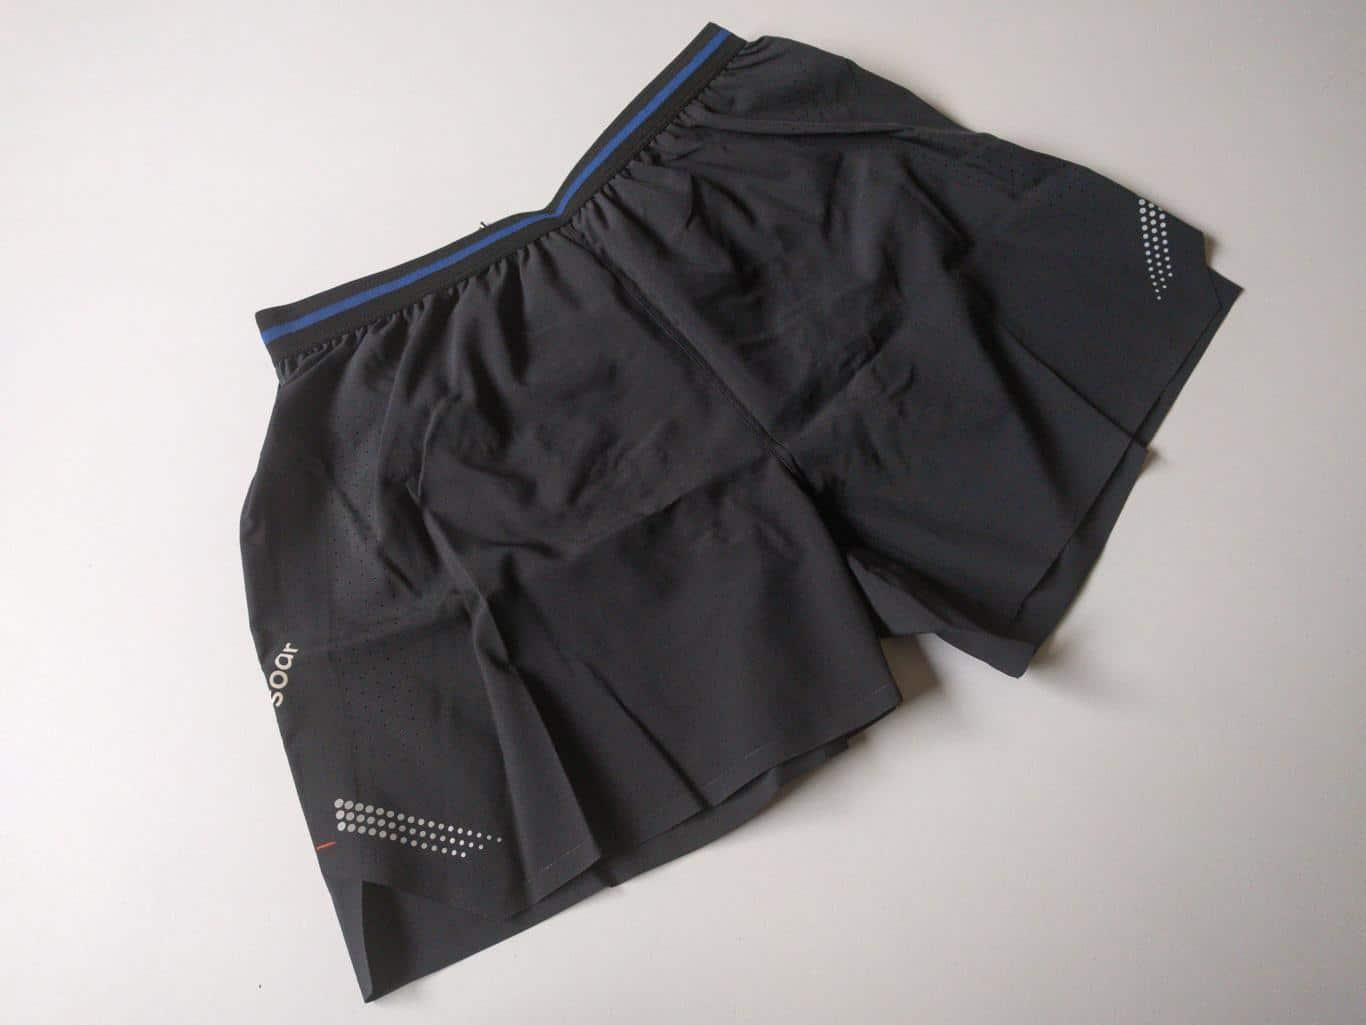 SOAR Classic Shorts